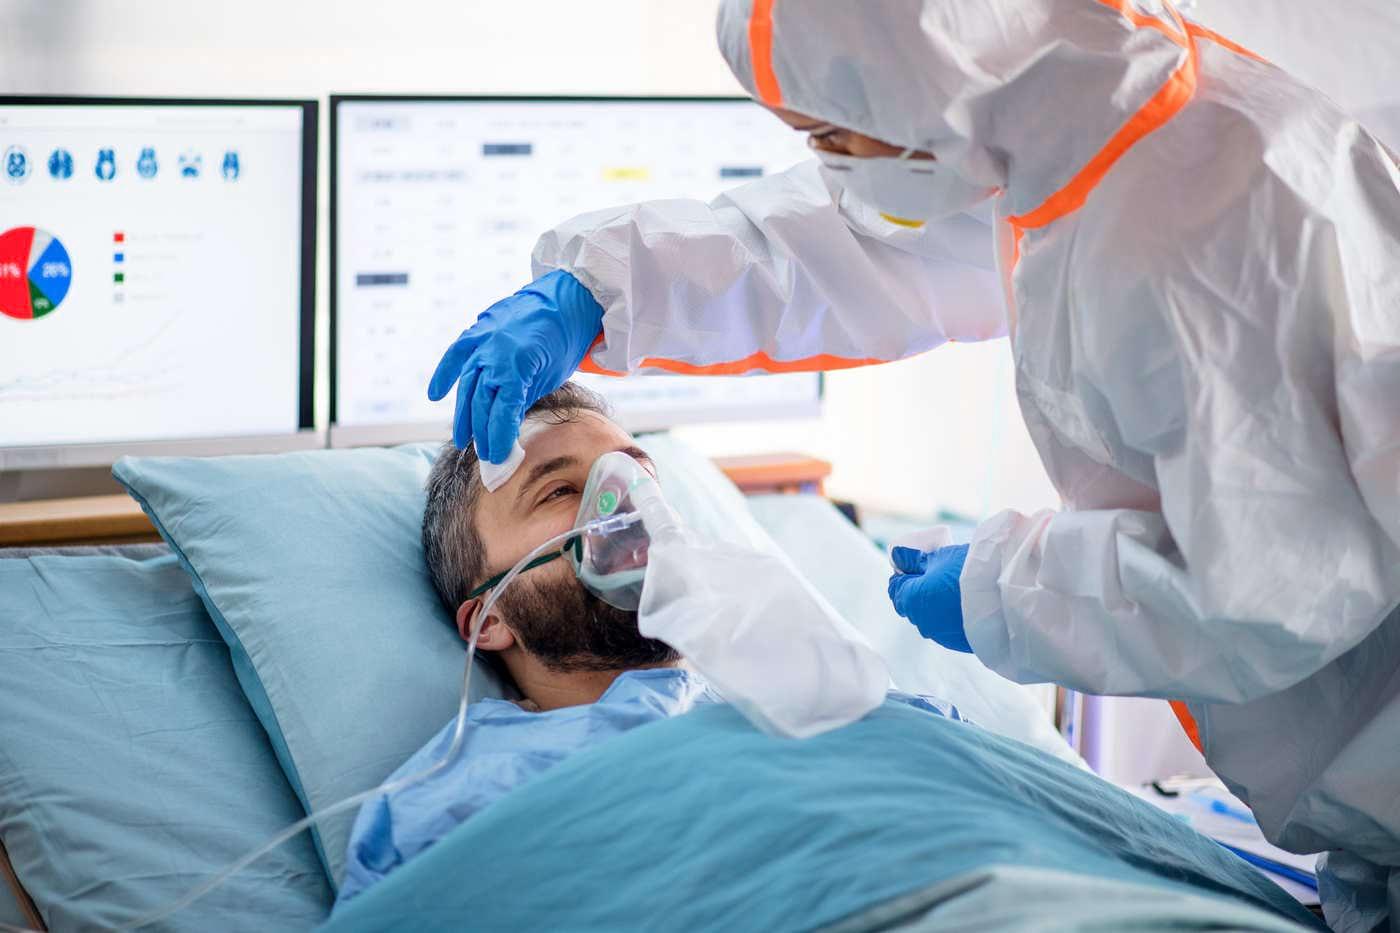 Este utilă ensifentrina la pacienții spitalizați cu COVID-19? [studiu]